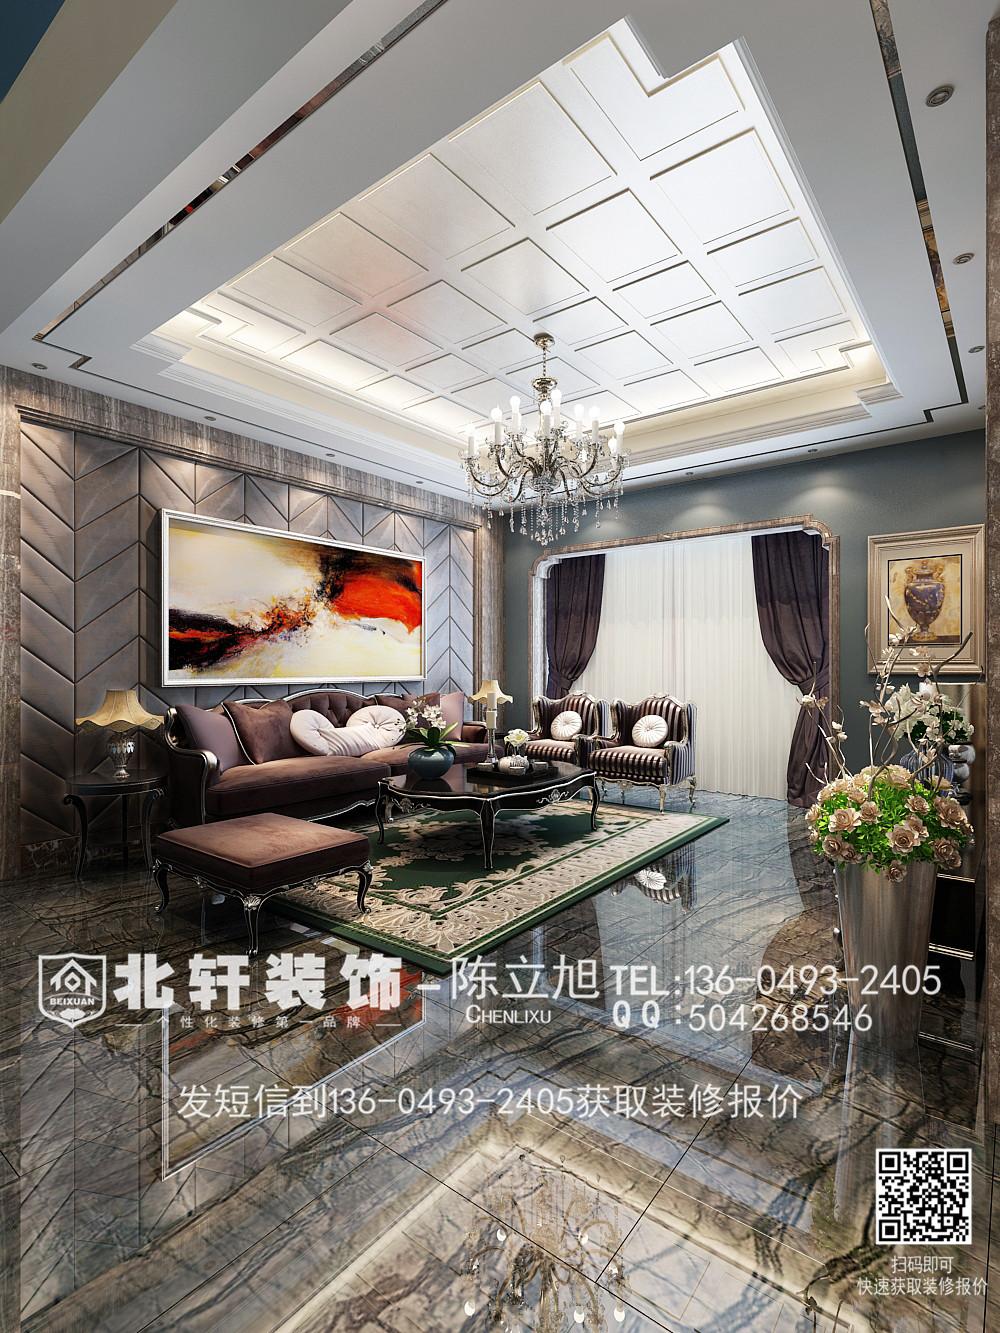 盘锦东方银座260平米别墅新古典风格装修效果图